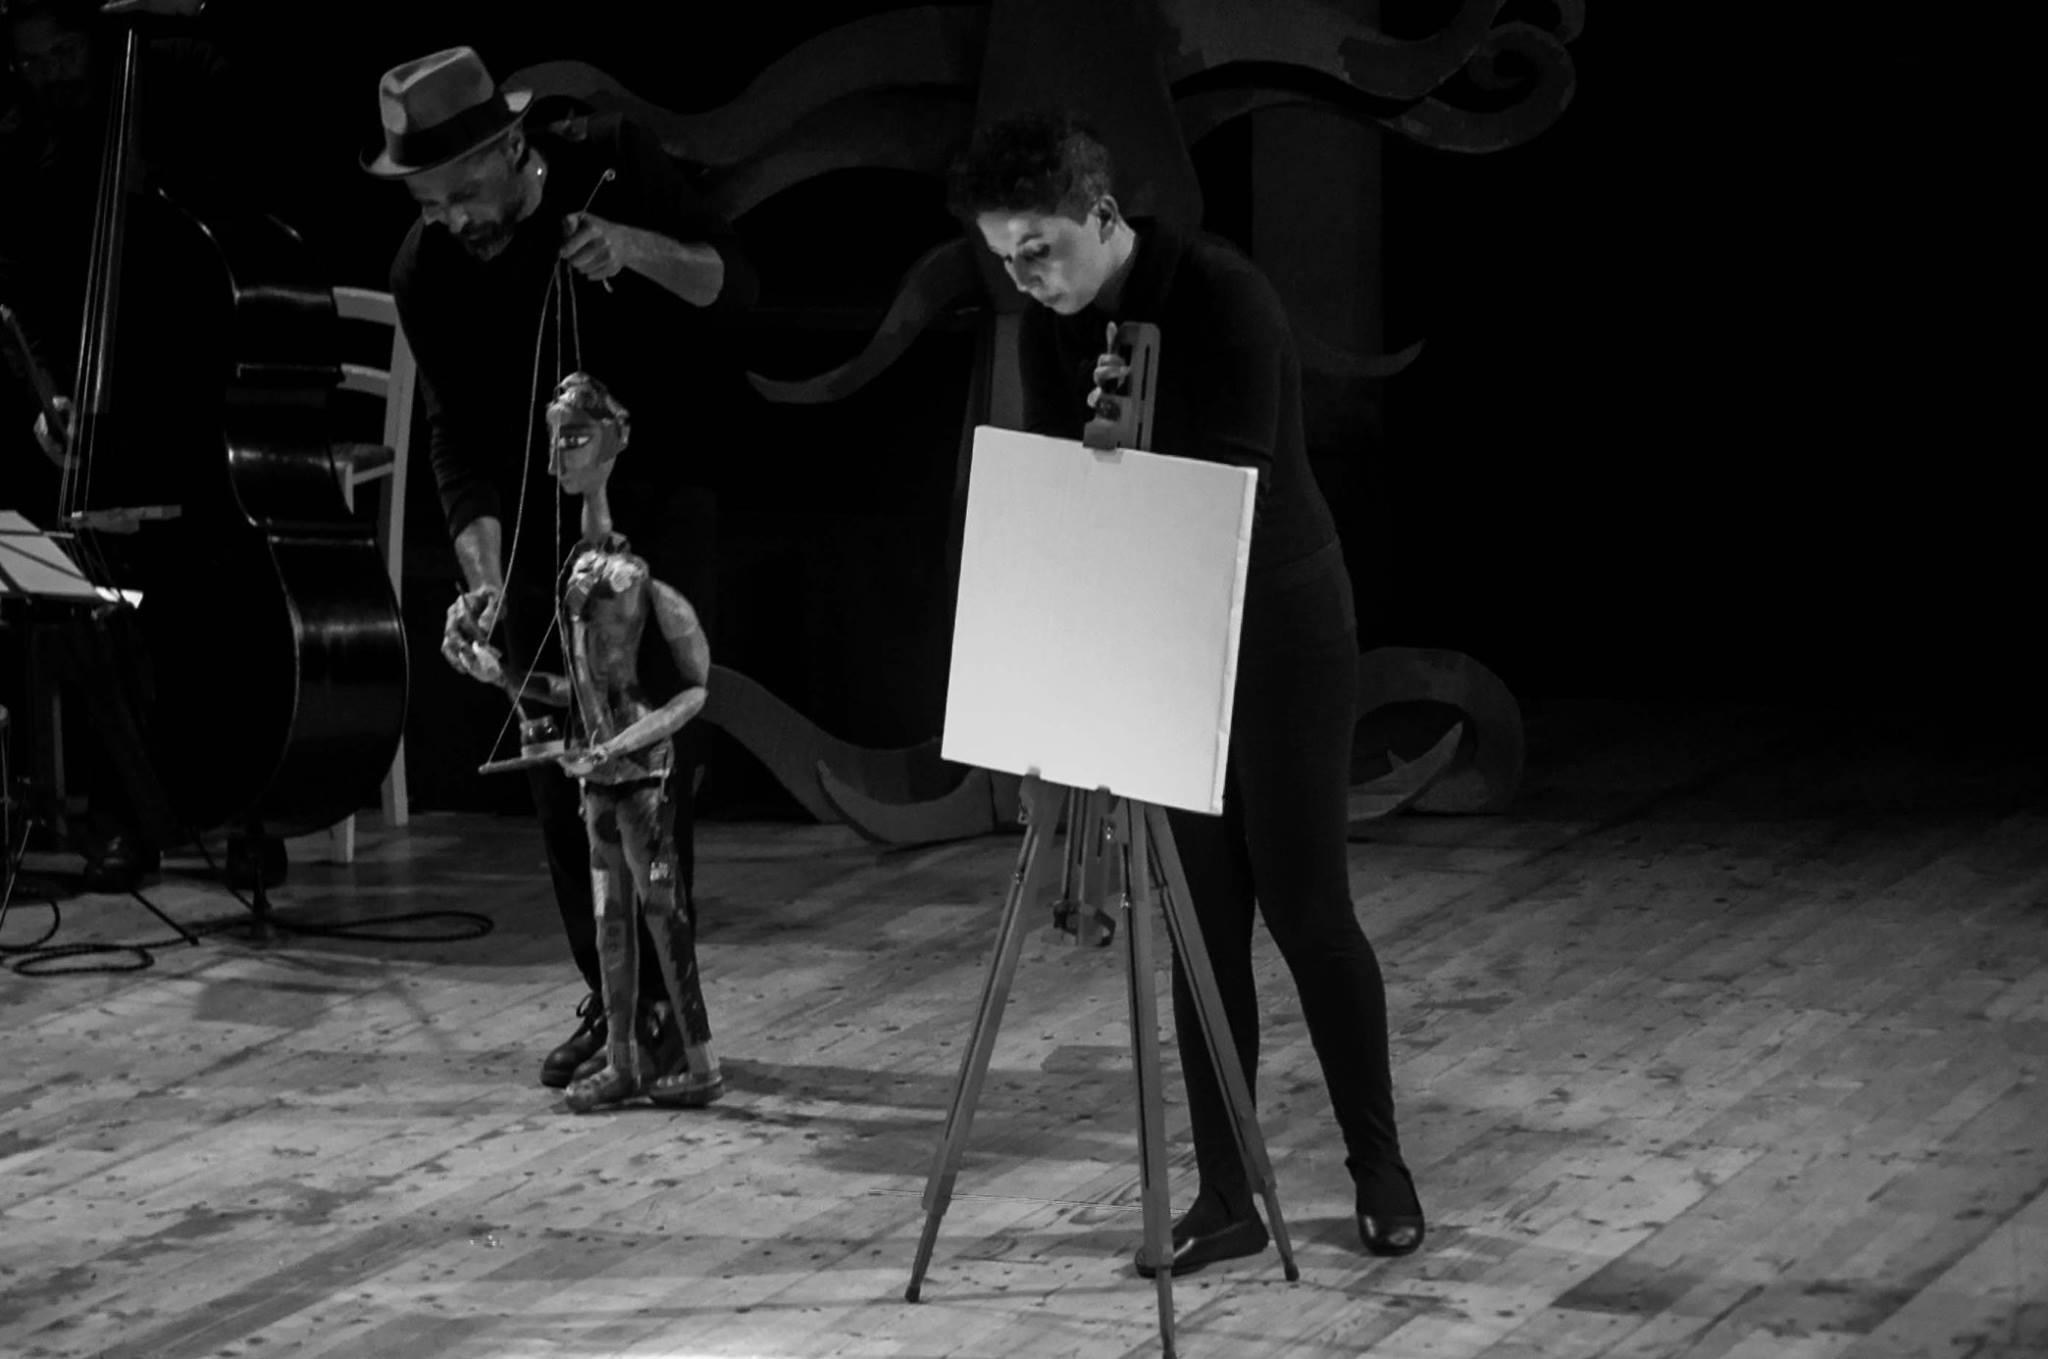 2018_Teatro_al_Museo_Cartura.jpg - 297.63 kB